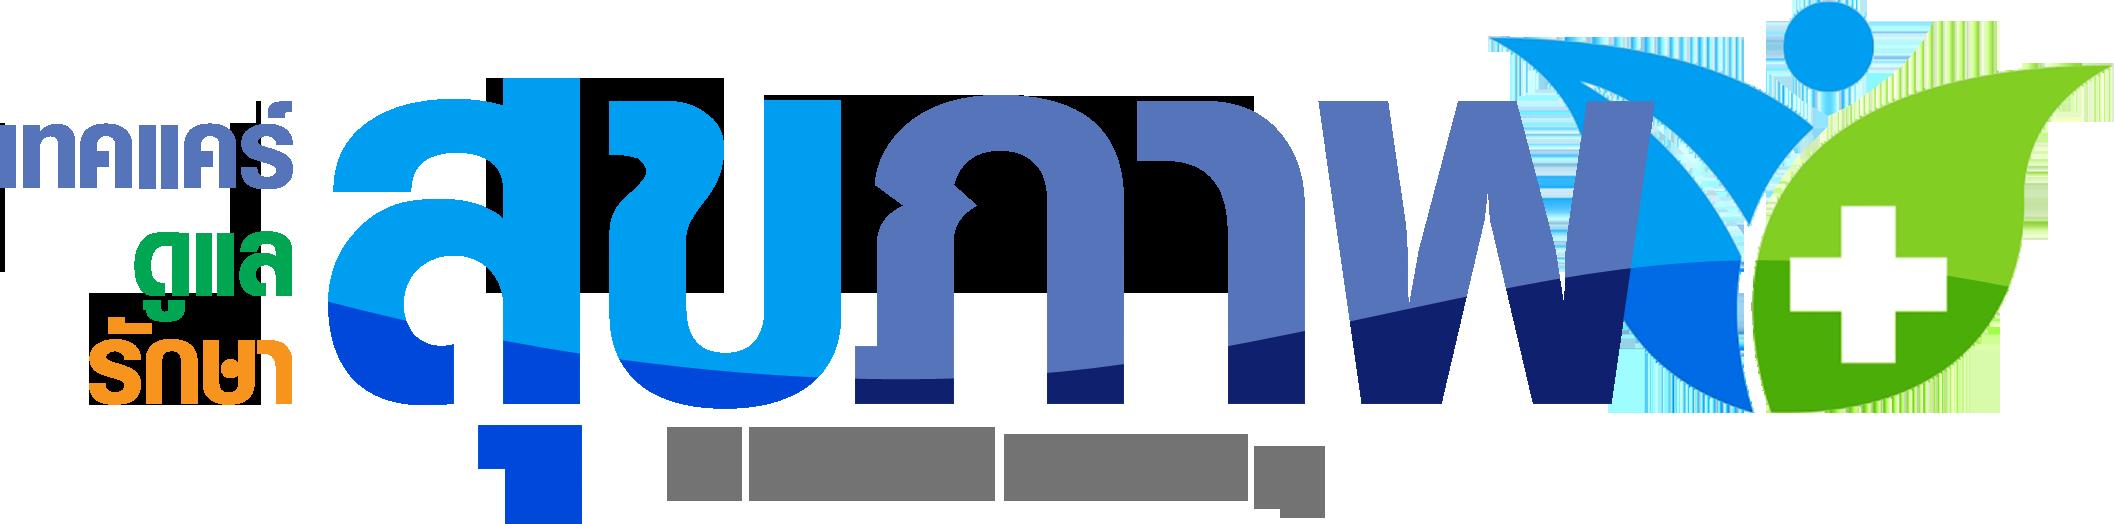 https://www.diezminutos.org/